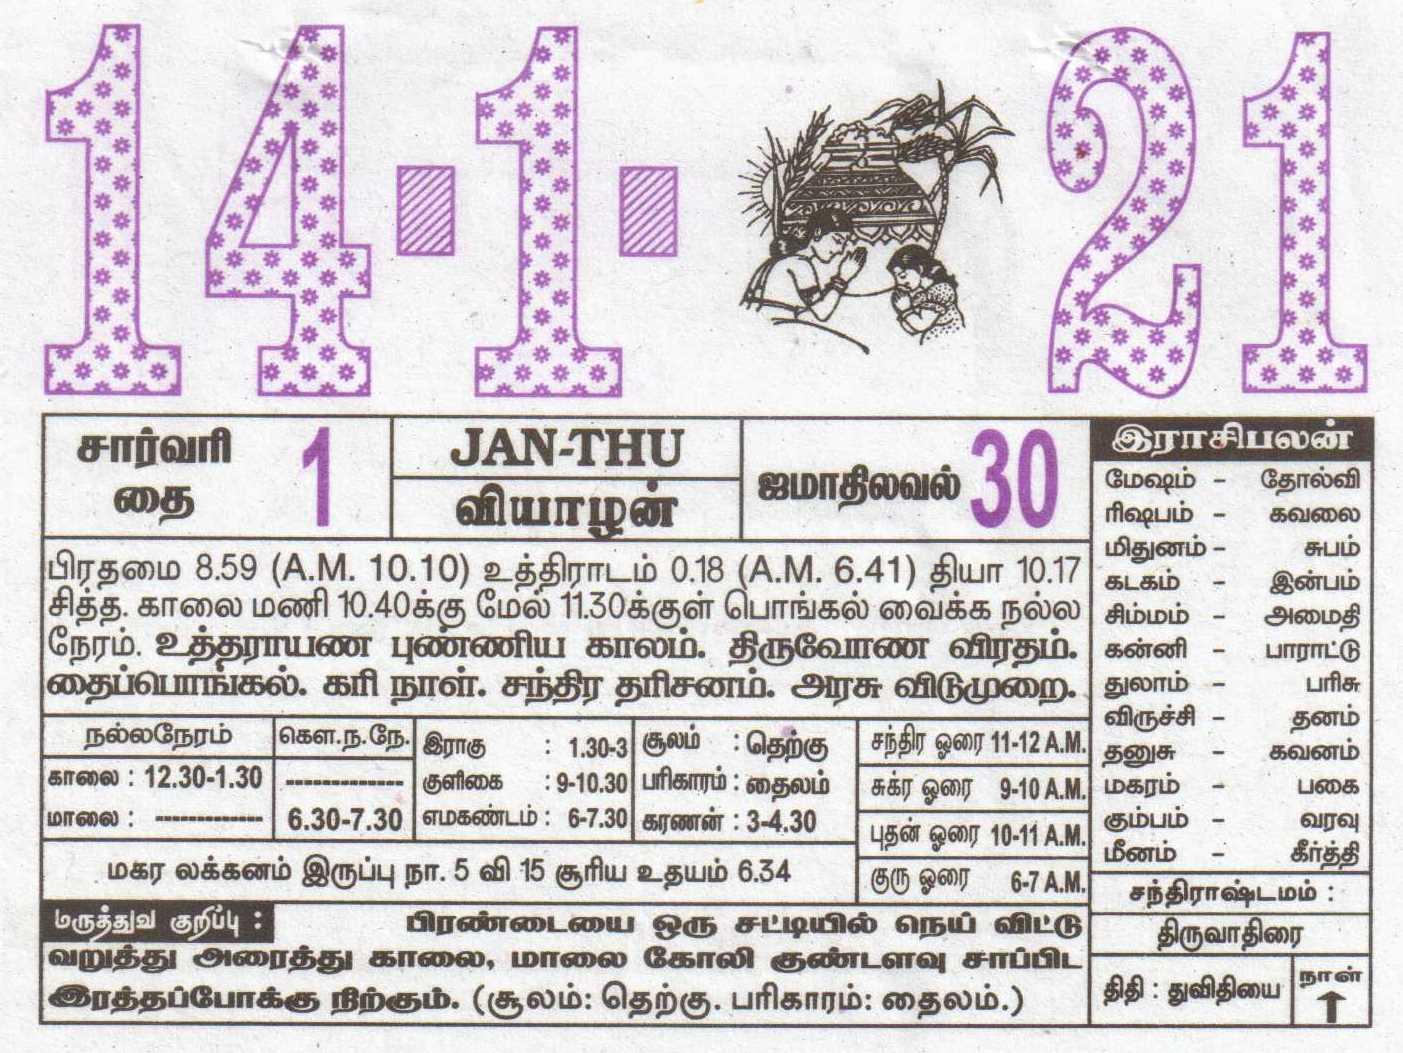 14 01 2021 Daily Calendar Date 14 January Daily Tear